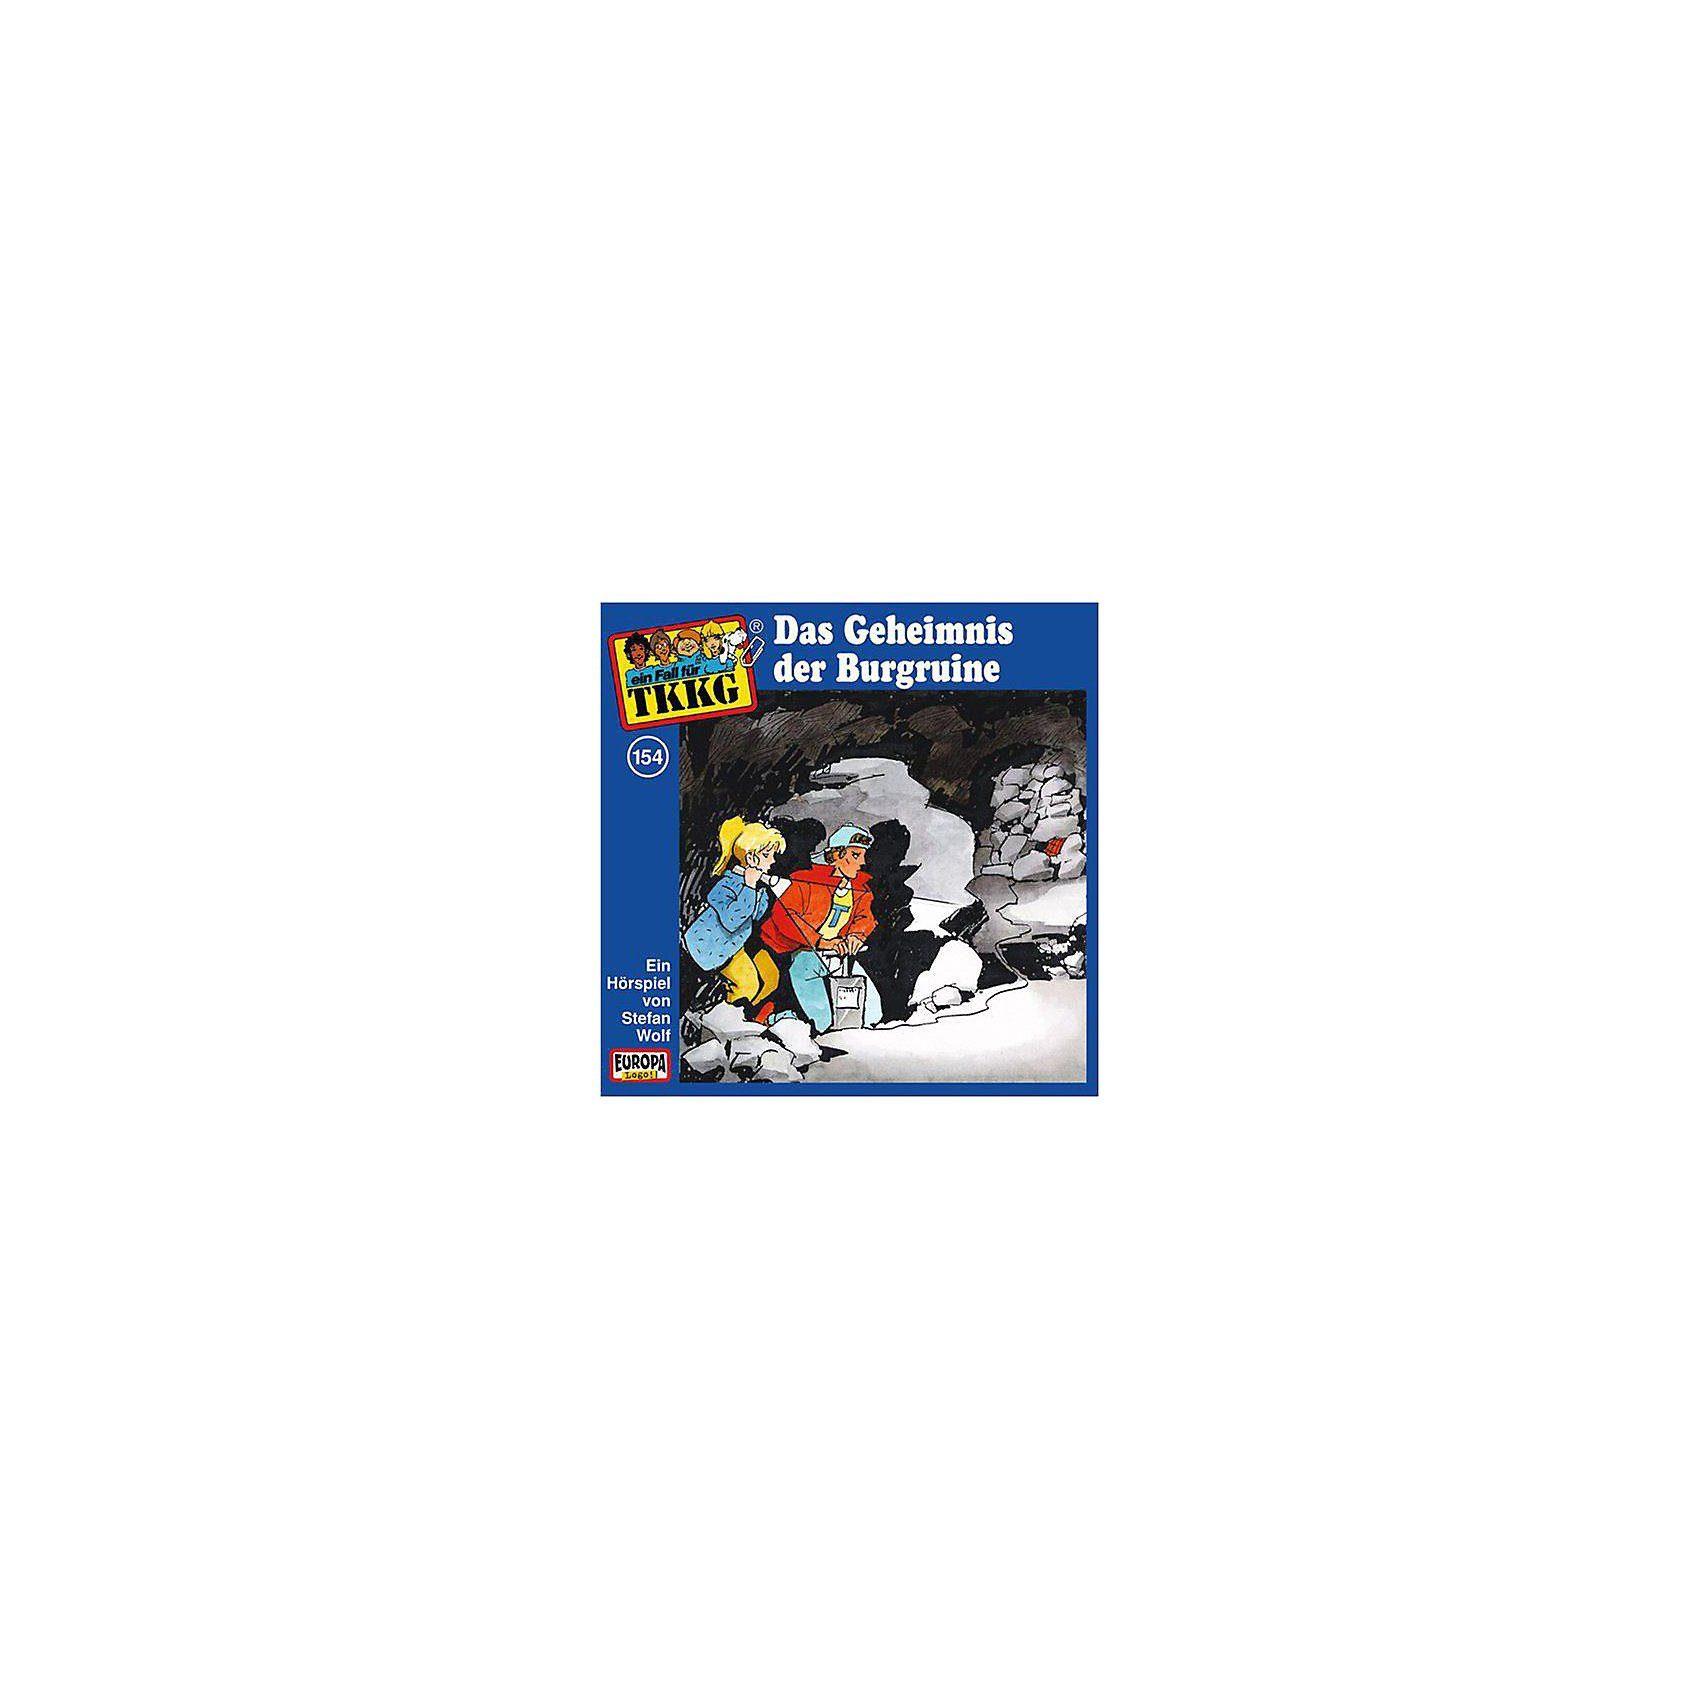 Sony CD TKKG 154 (Geheimnis der Burgruine)